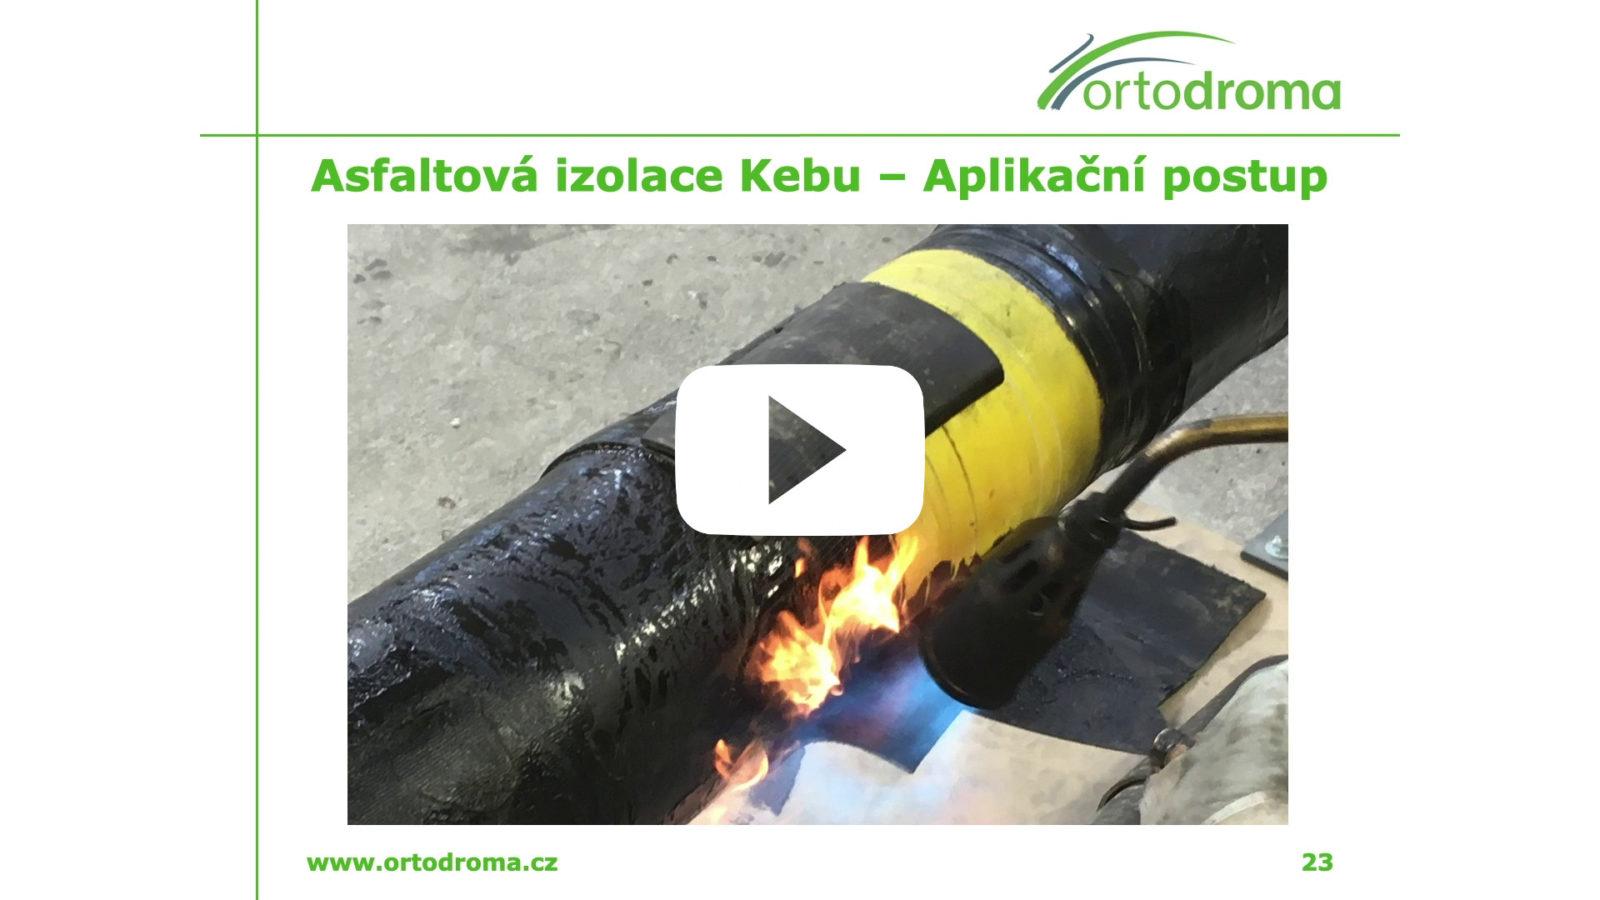 Instruktážní video: asfaltová izolace Kebu